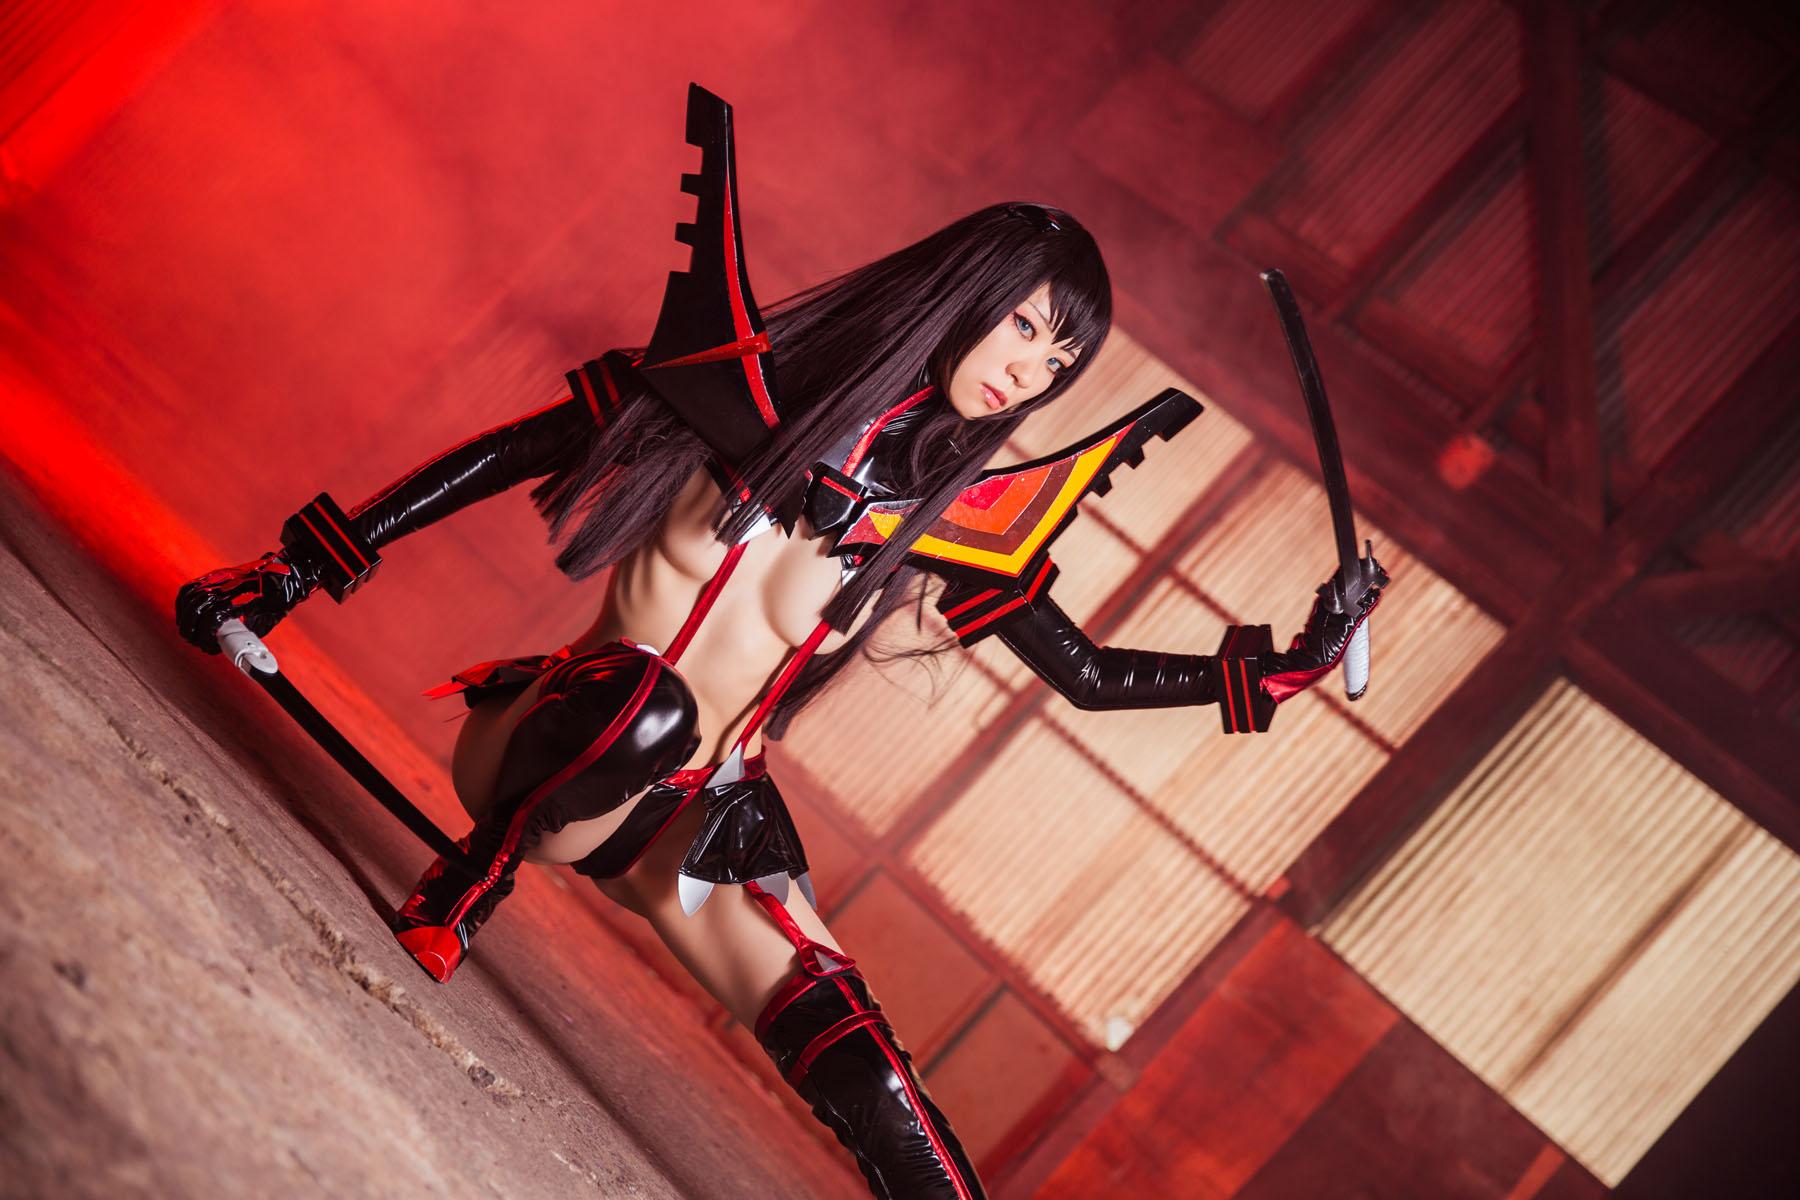 Kill la Kill Satsuki Kiryuuin anime cosplay by Mikehouse 0028